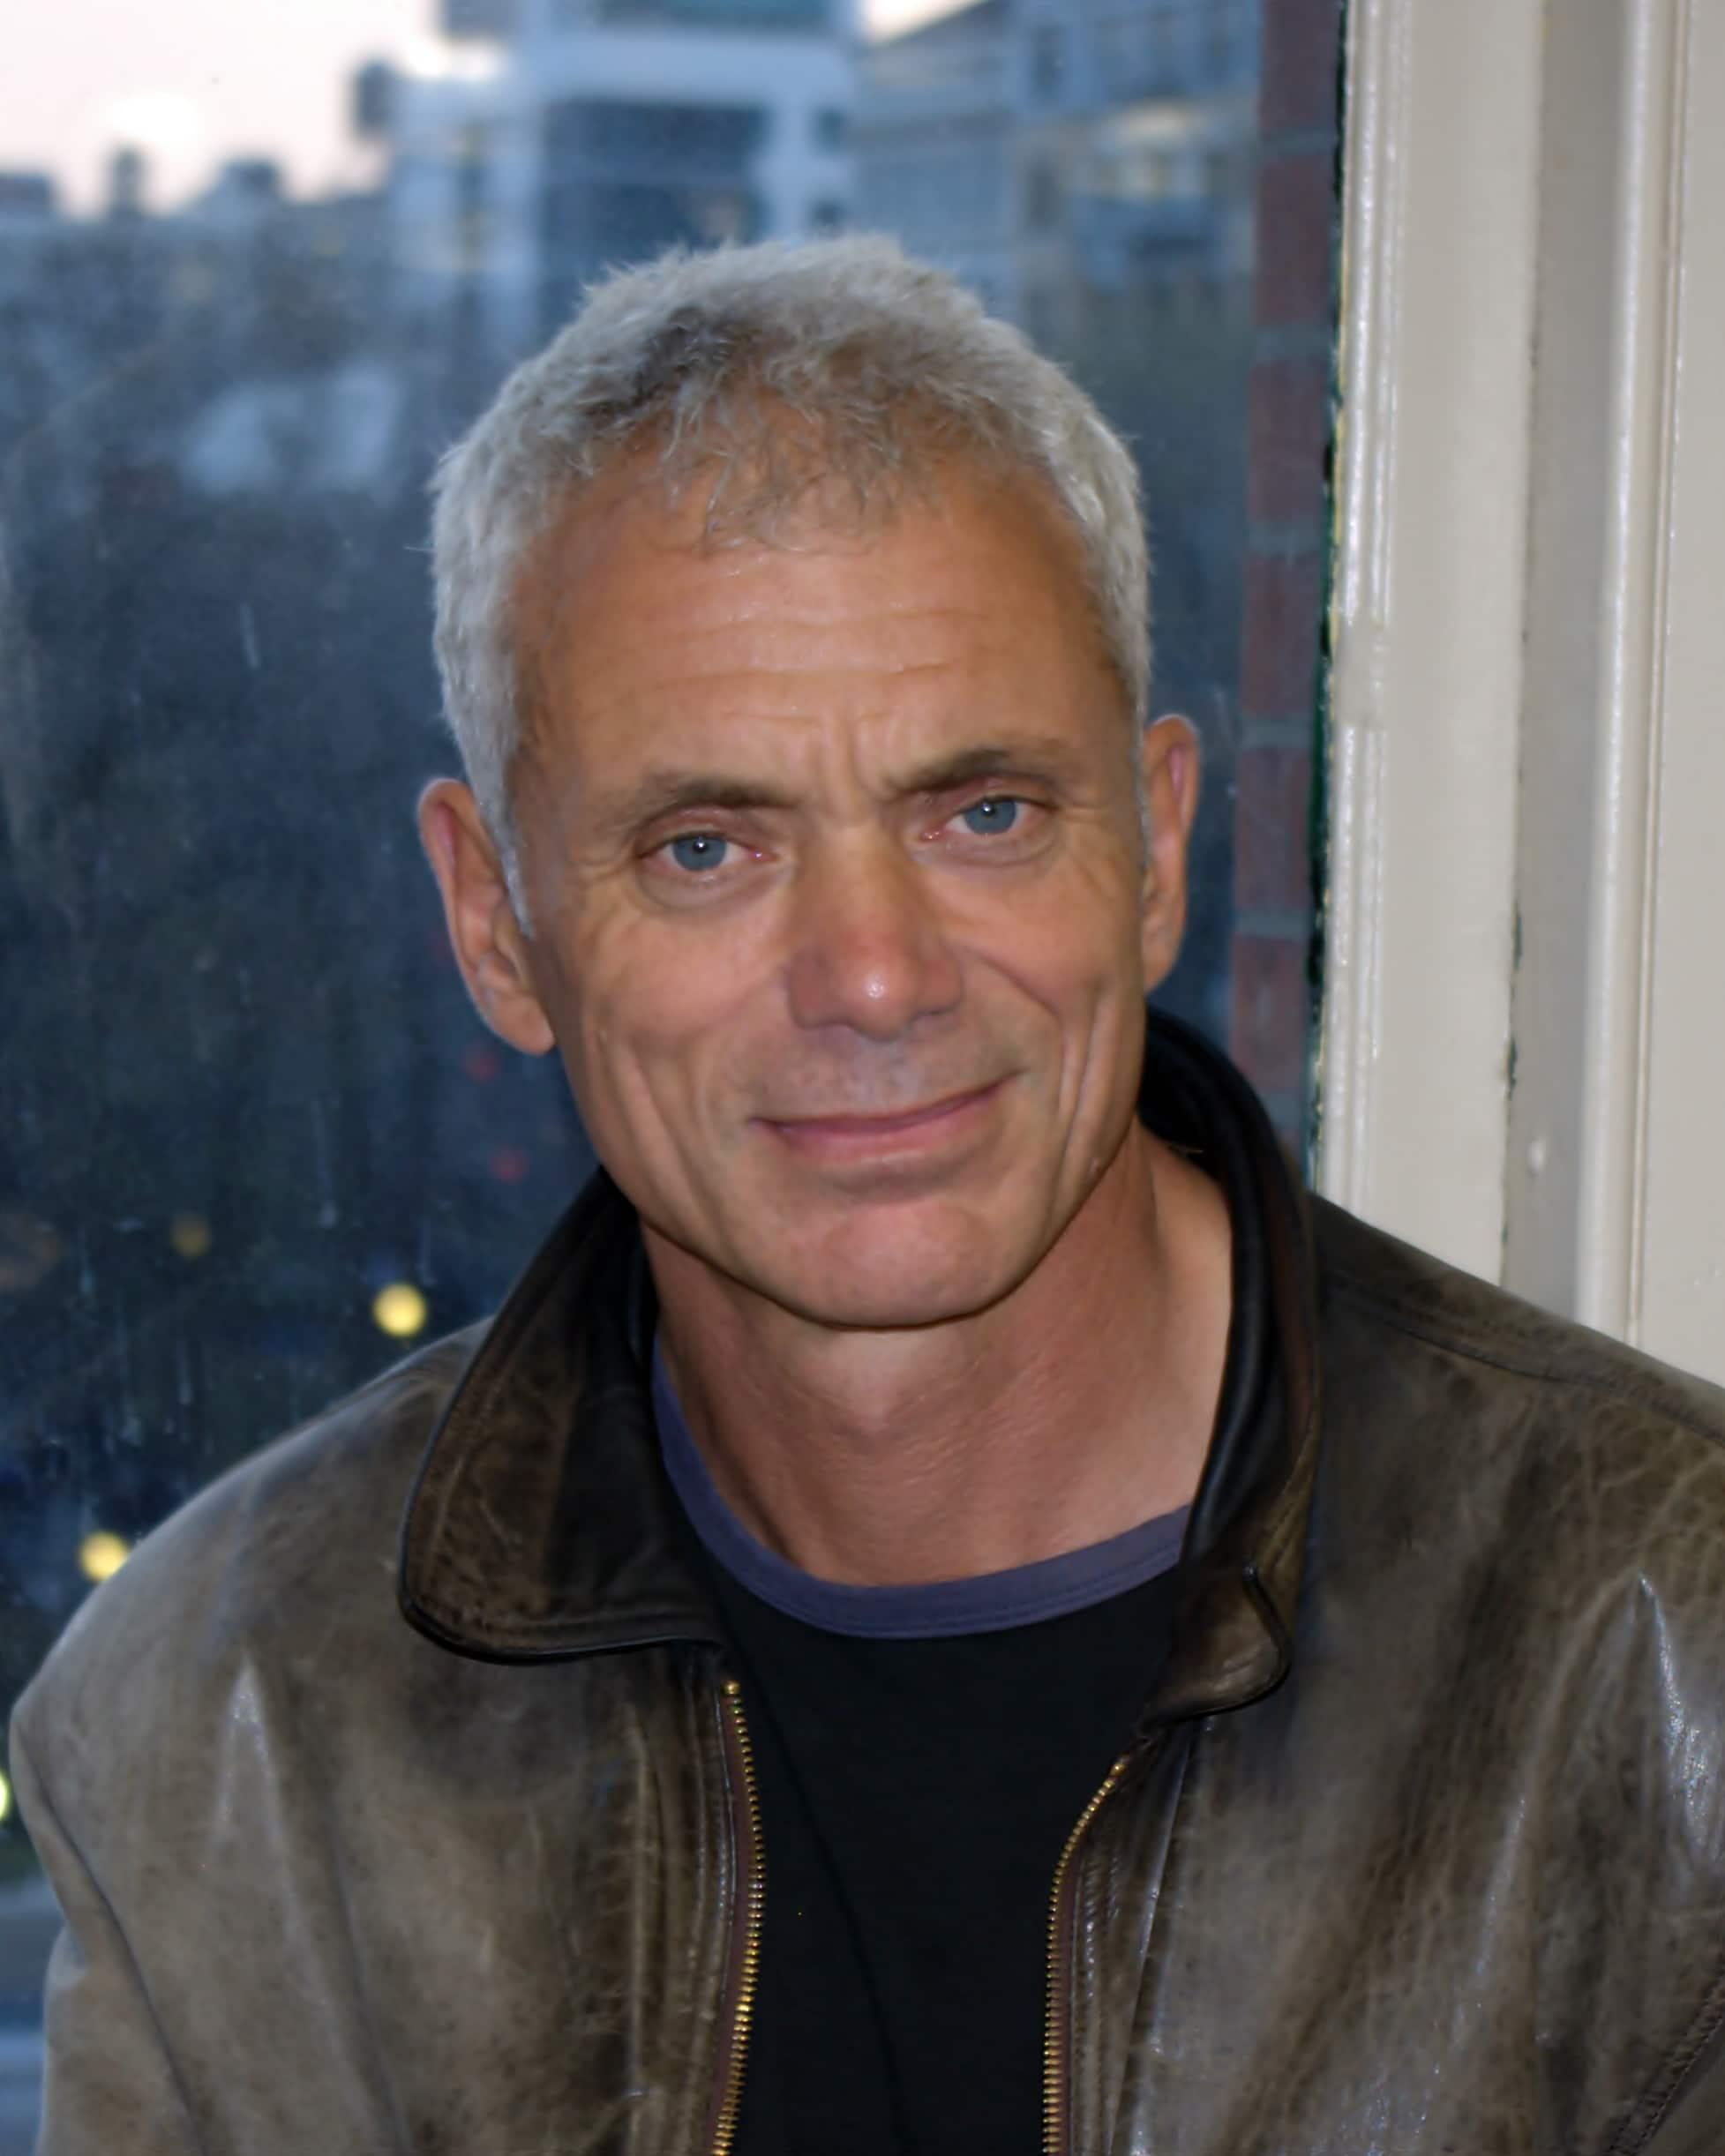 Image-Jeremy-Wade-TV-presenter-Biologist-MediaBrief.jpg